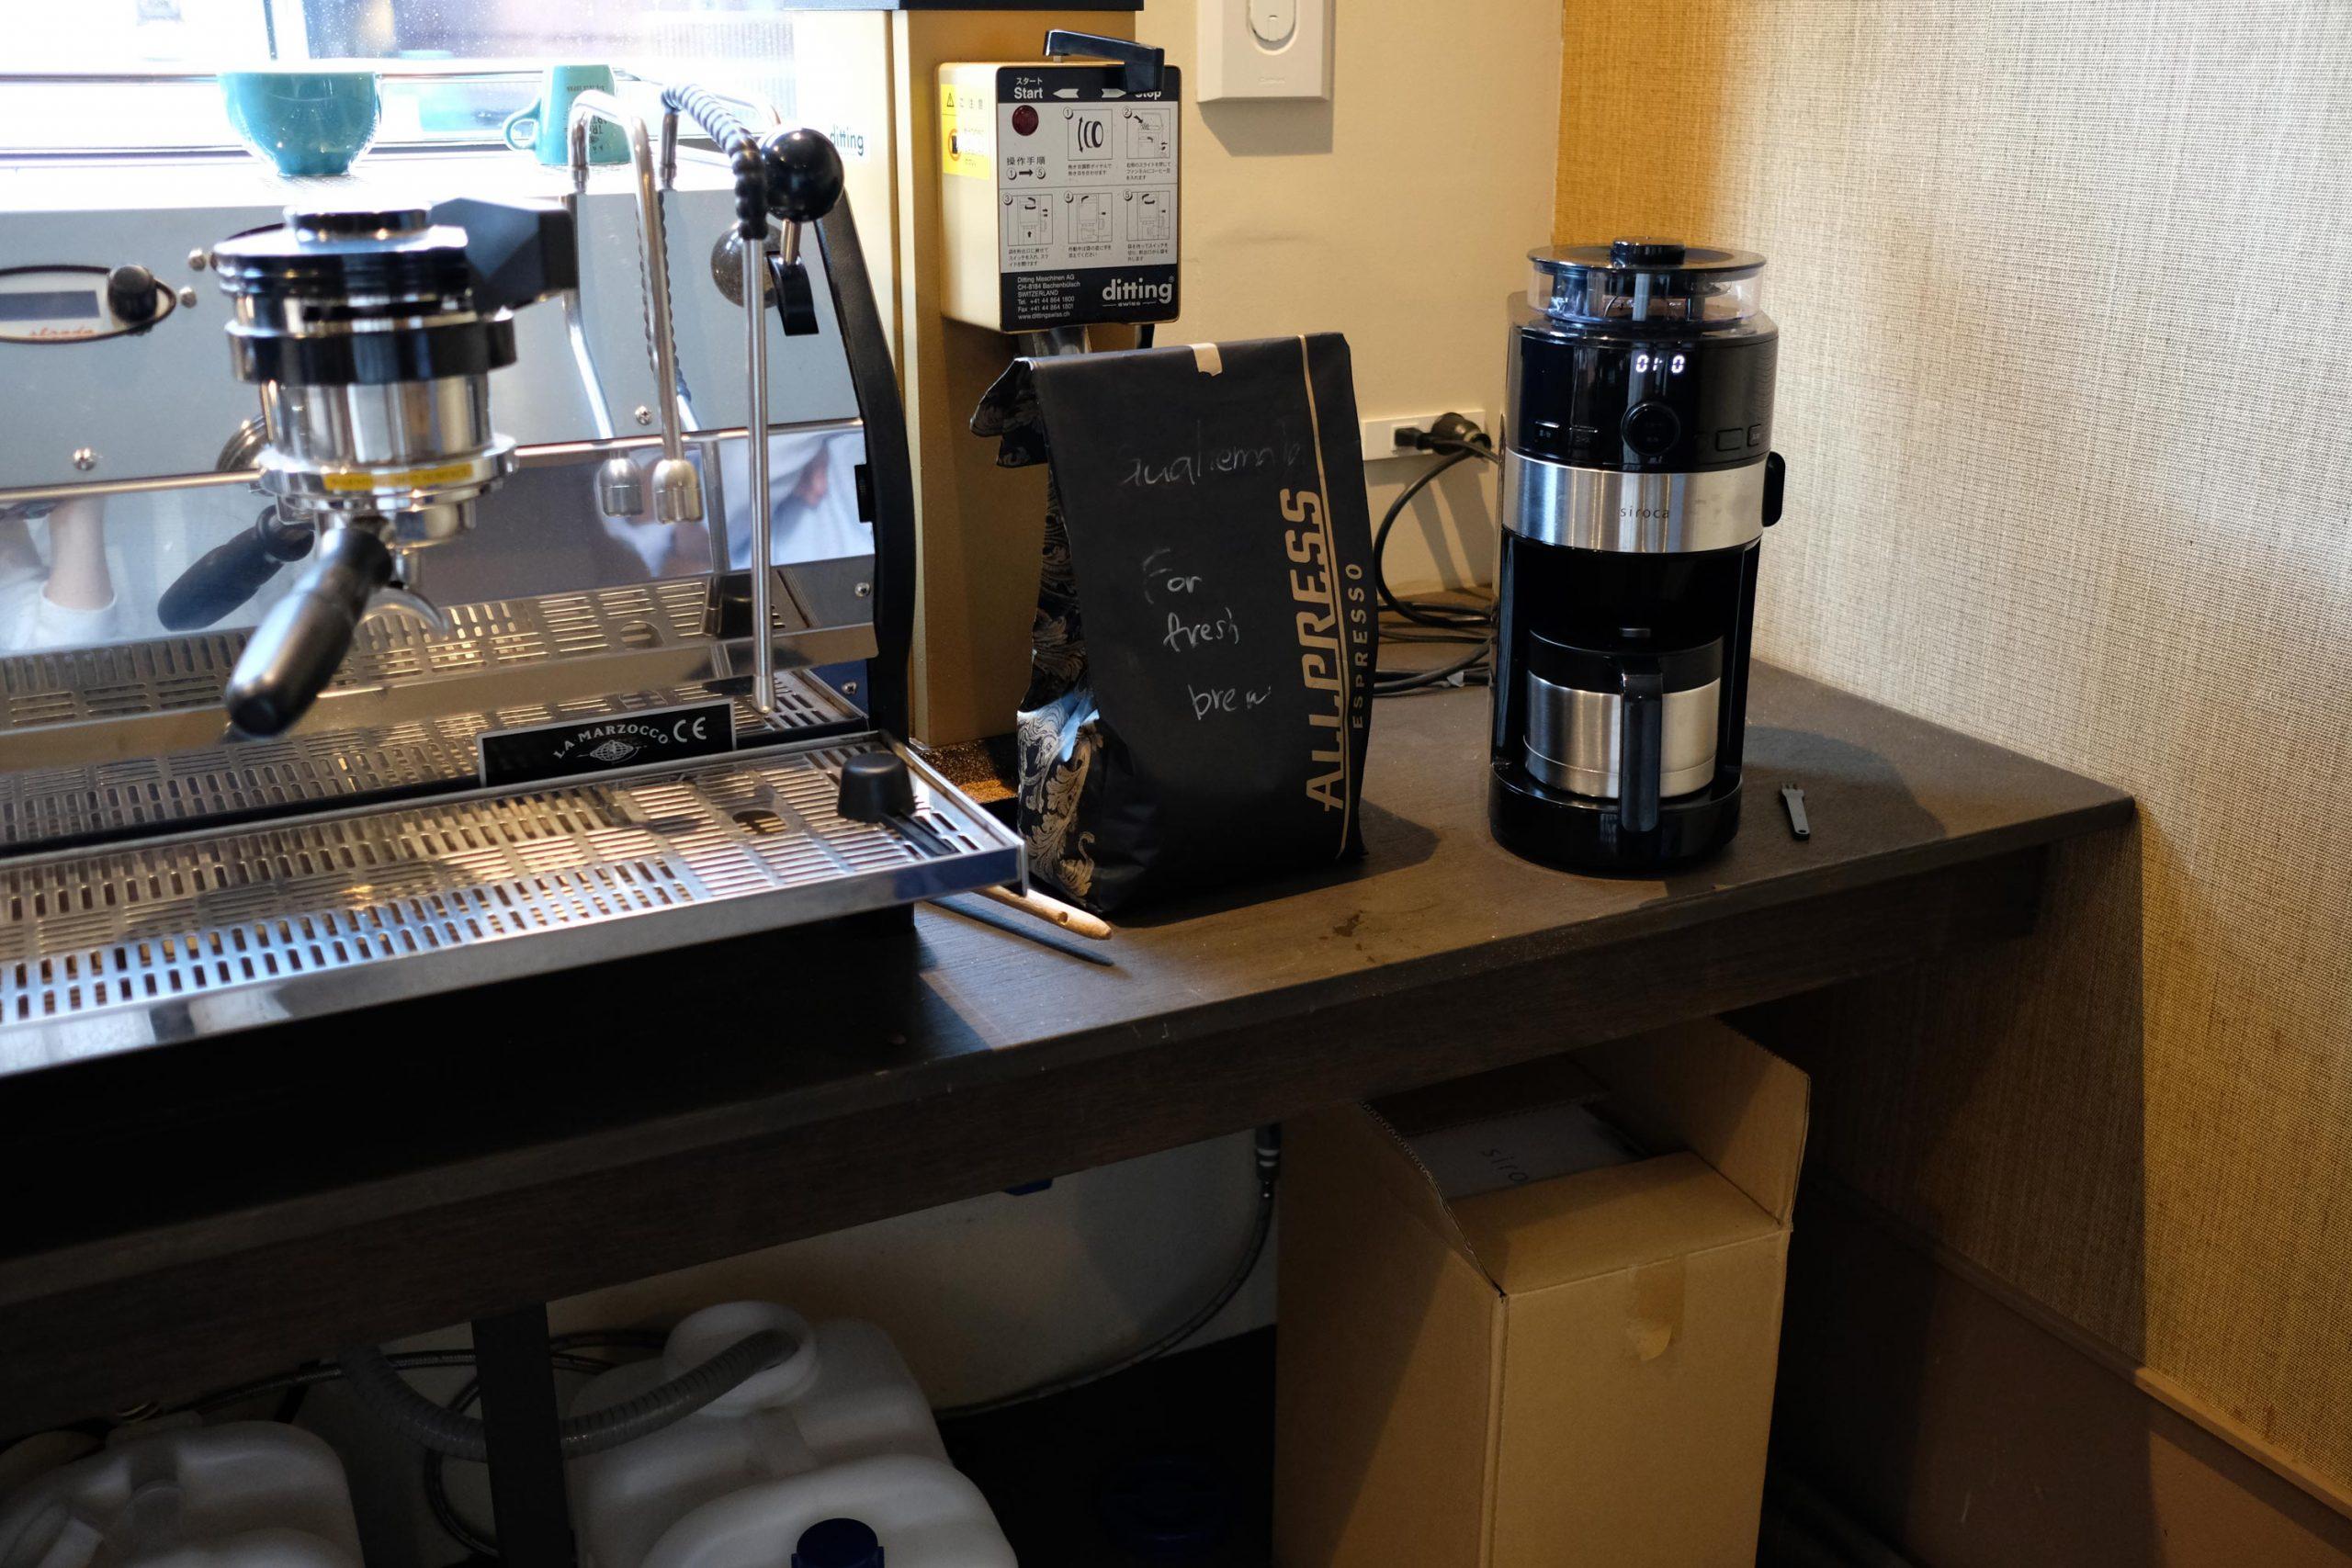 お店で飲むコーヒーのおいしさを楽しめるコーヒーメーカー。